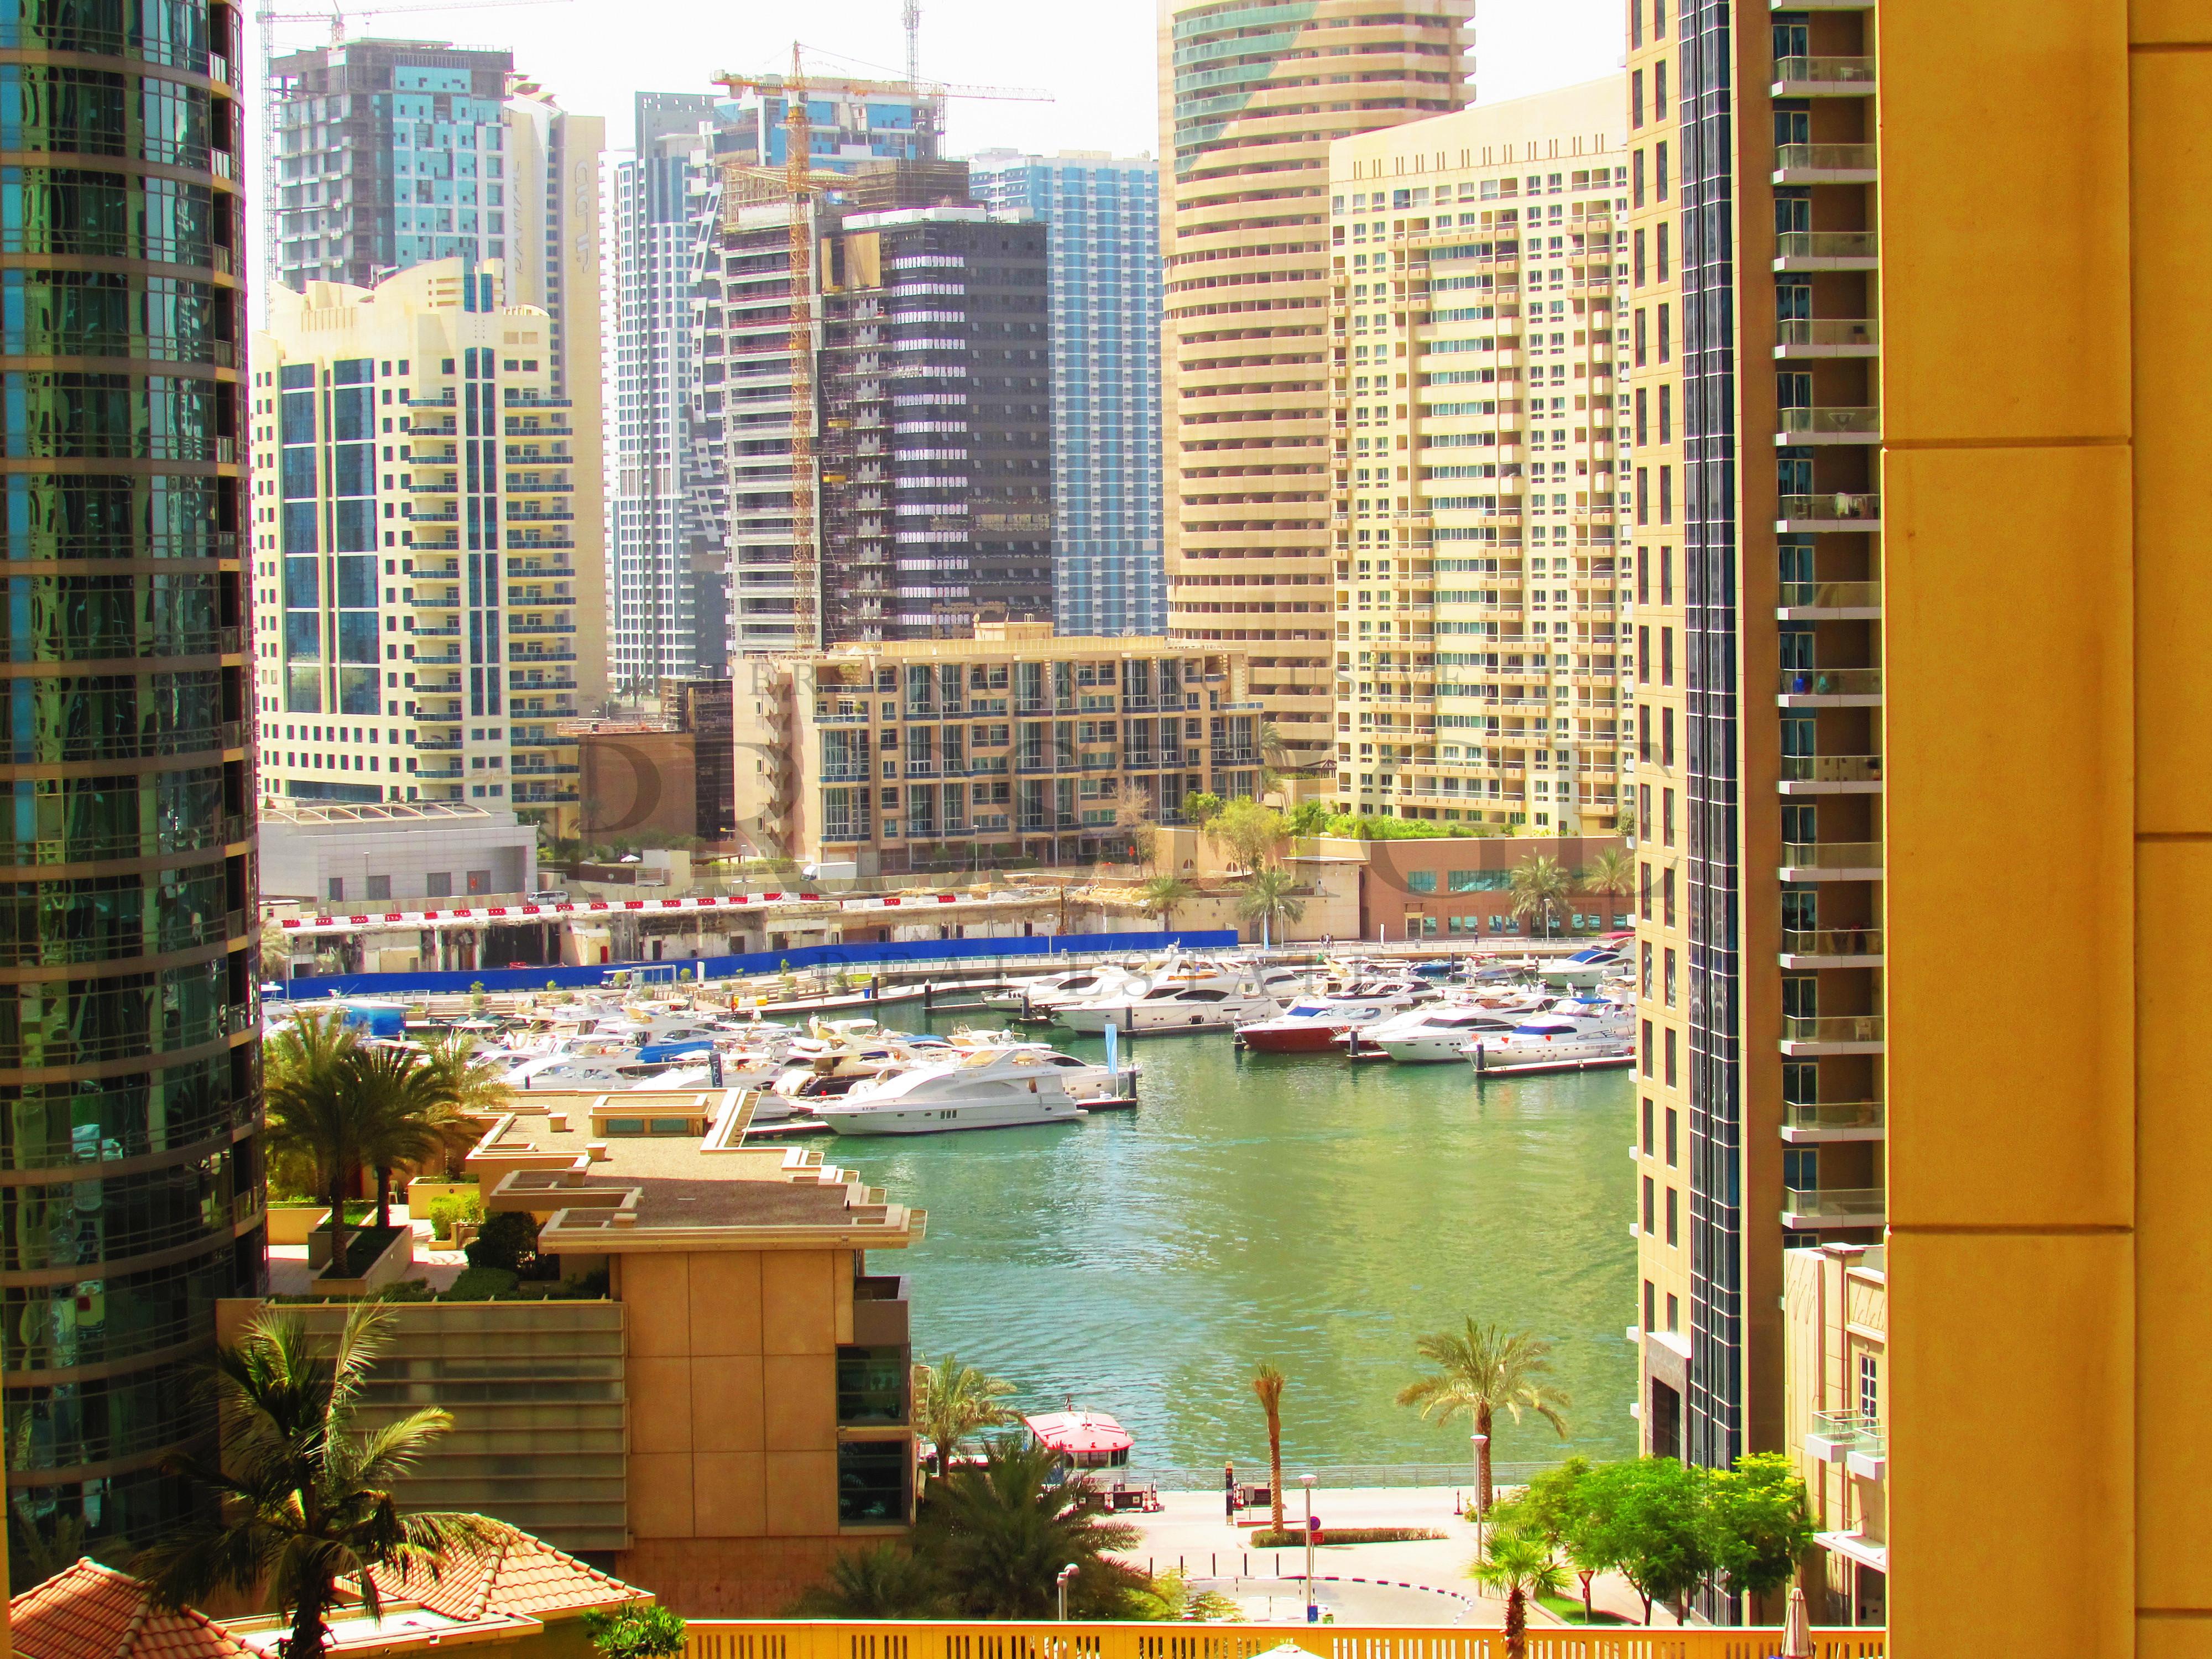 marina-and-pool-view-spacious-vacant